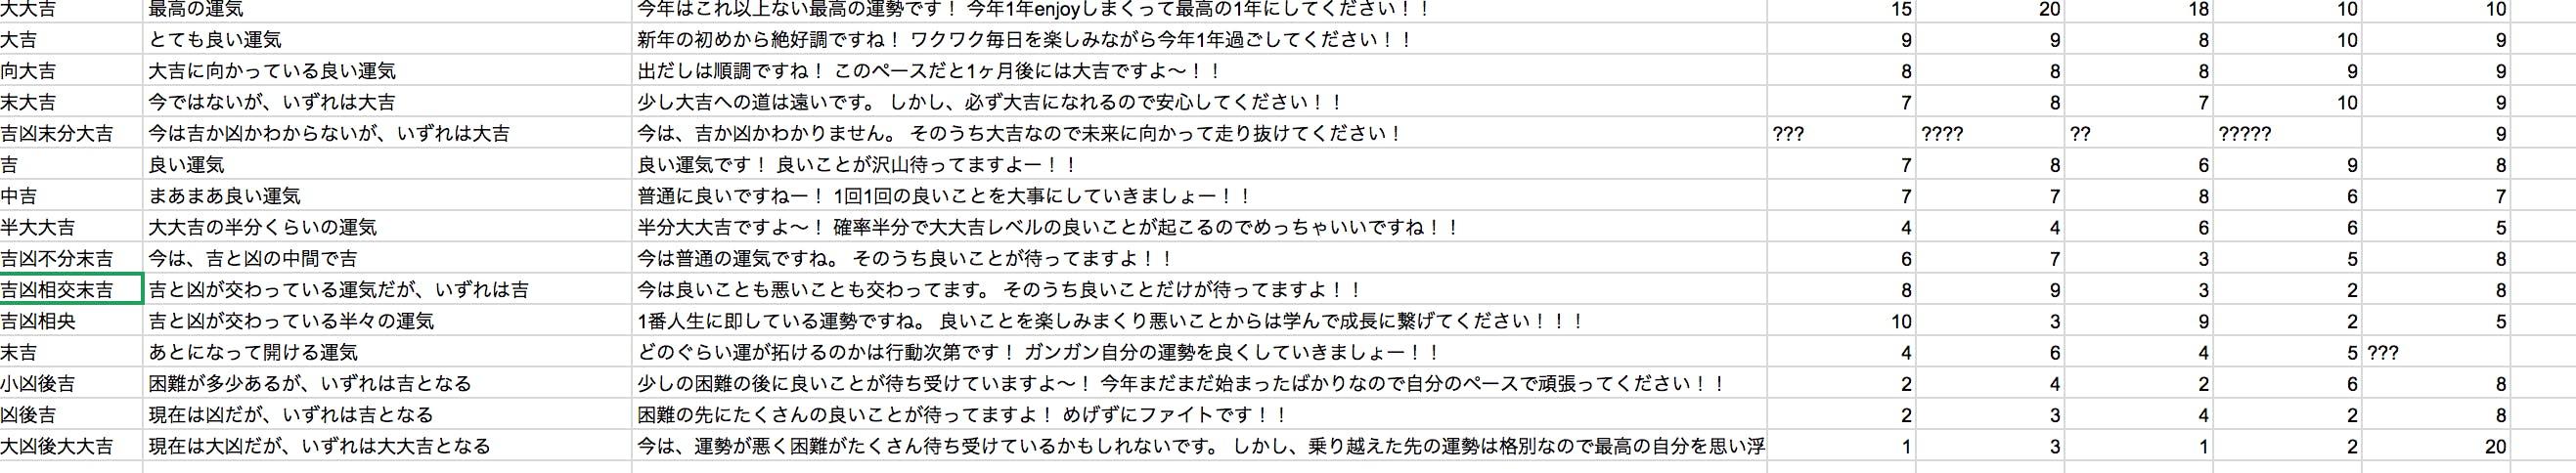 スクリーンショット 2019-01-01 17.29.56.png